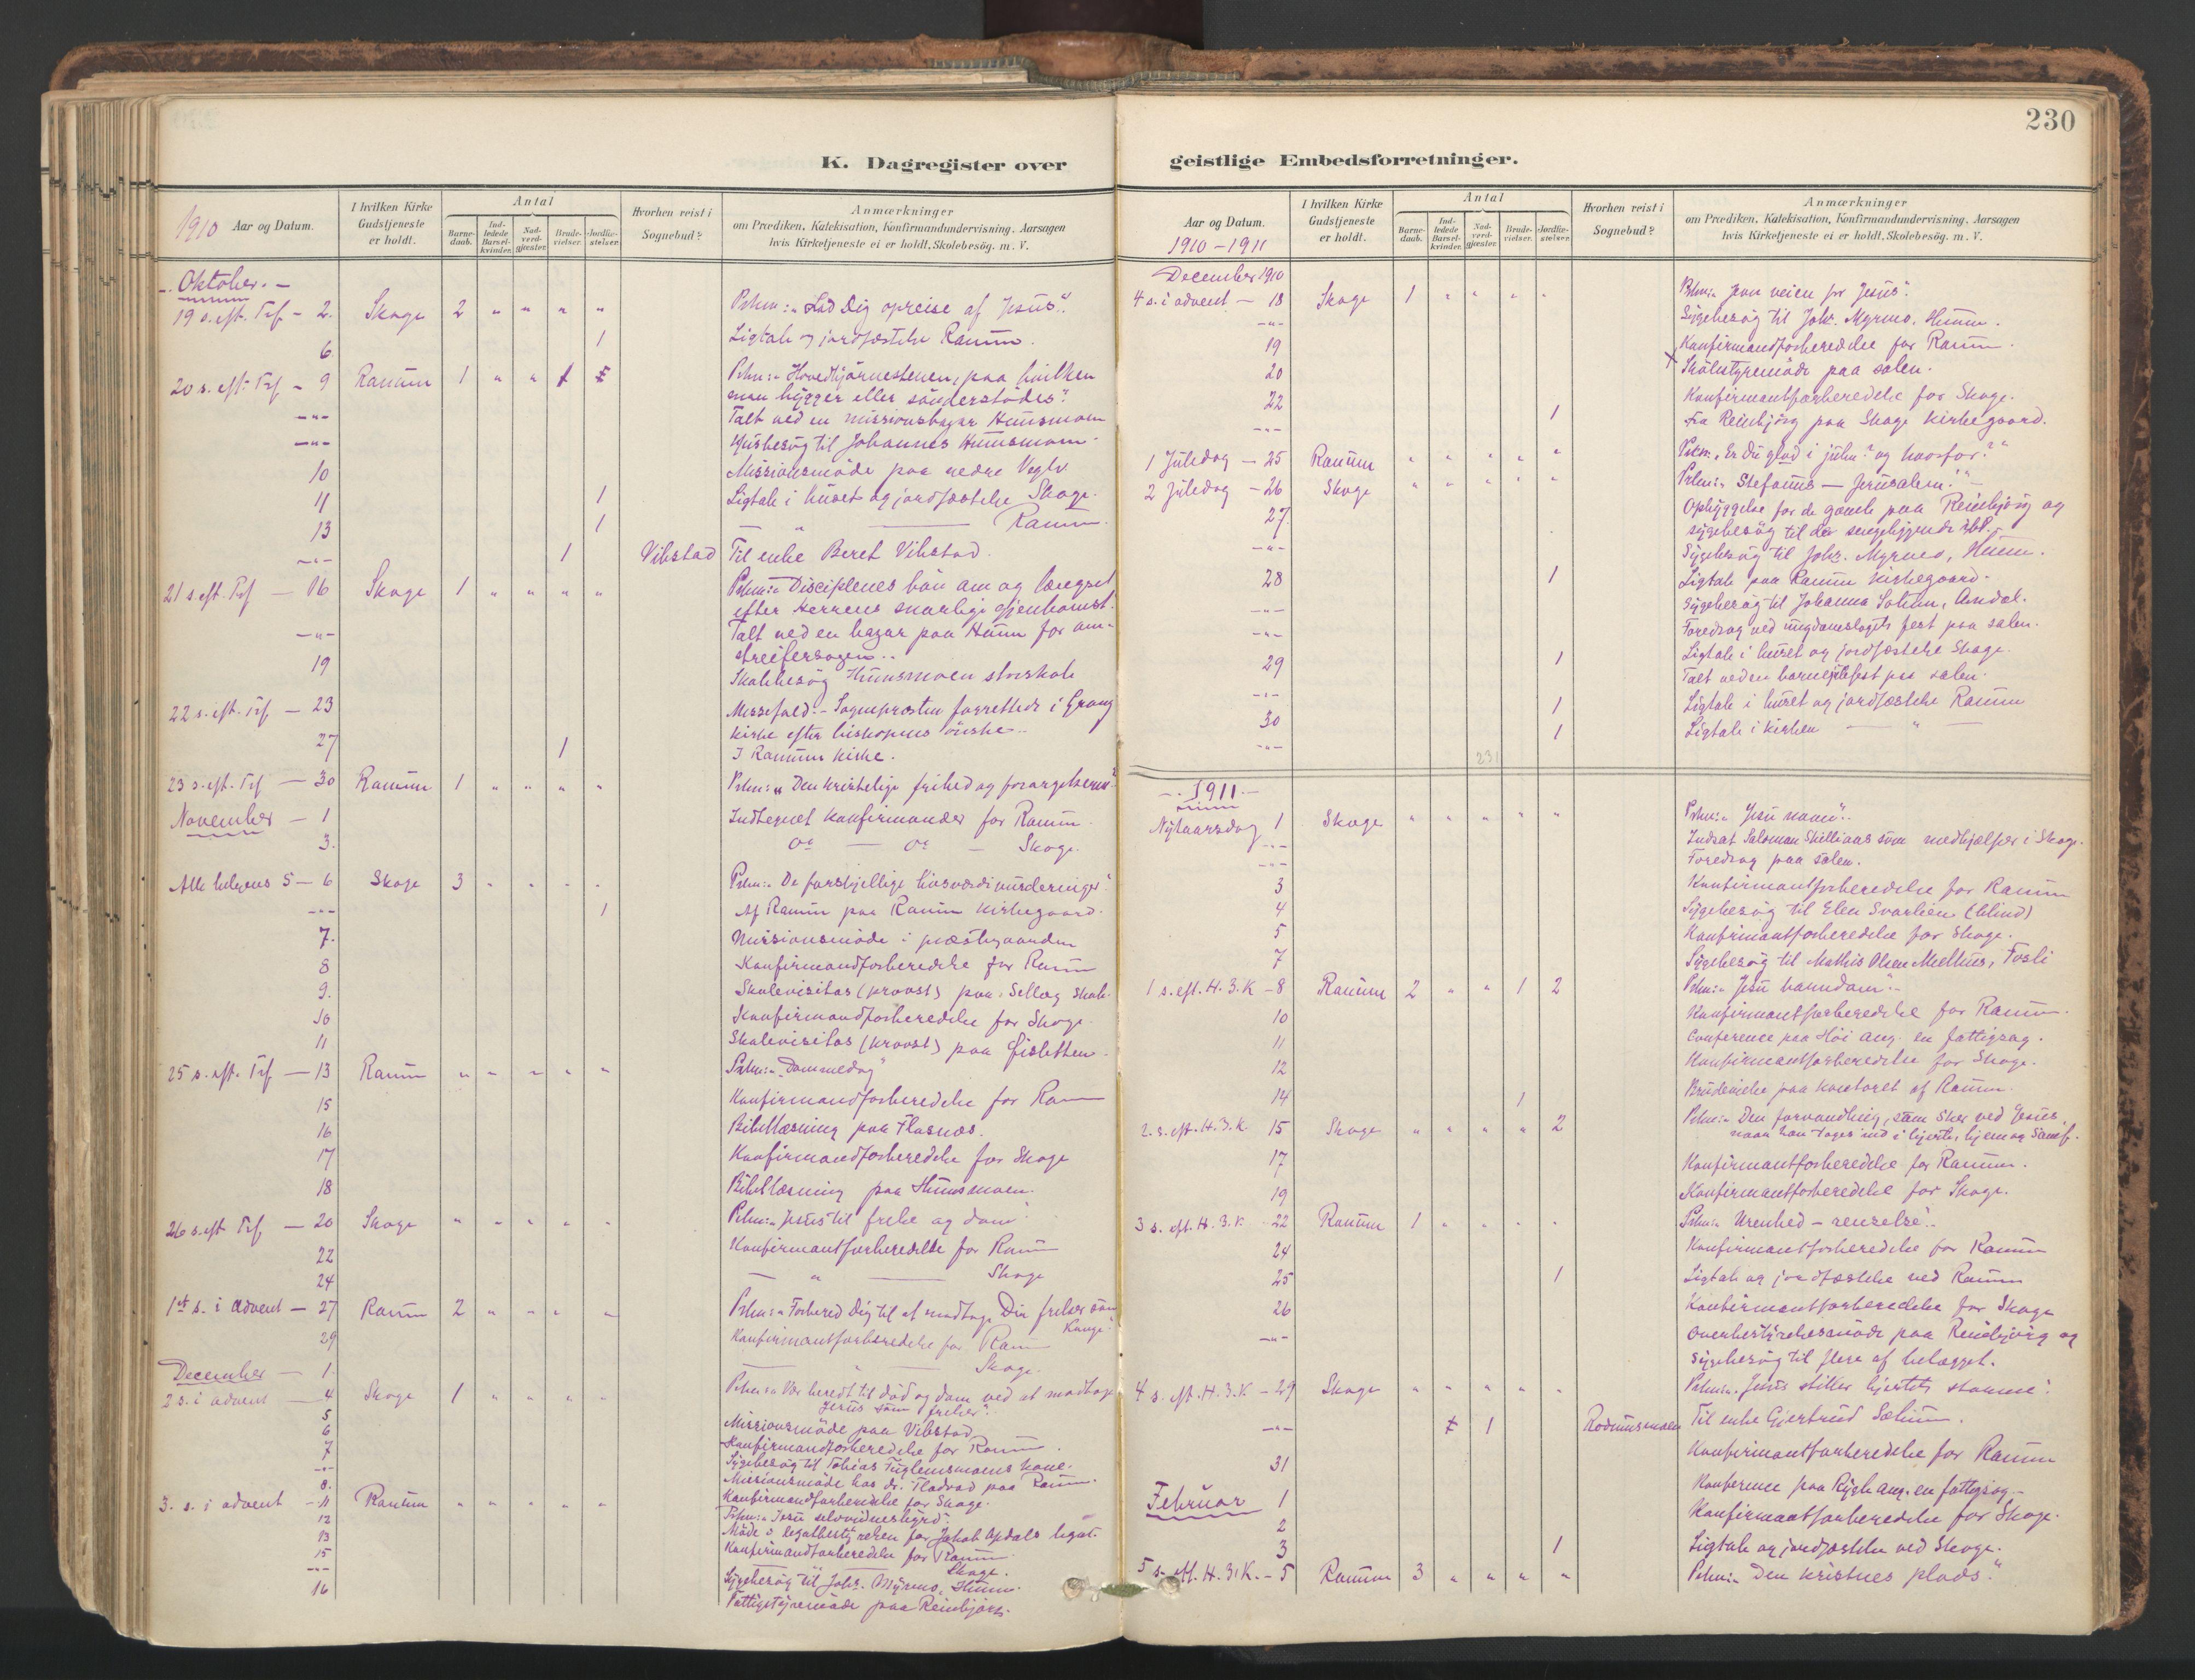 SAT, Ministerialprotokoller, klokkerbøker og fødselsregistre - Nord-Trøndelag, 764/L0556: Ministerialbok nr. 764A11, 1897-1924, s. 230